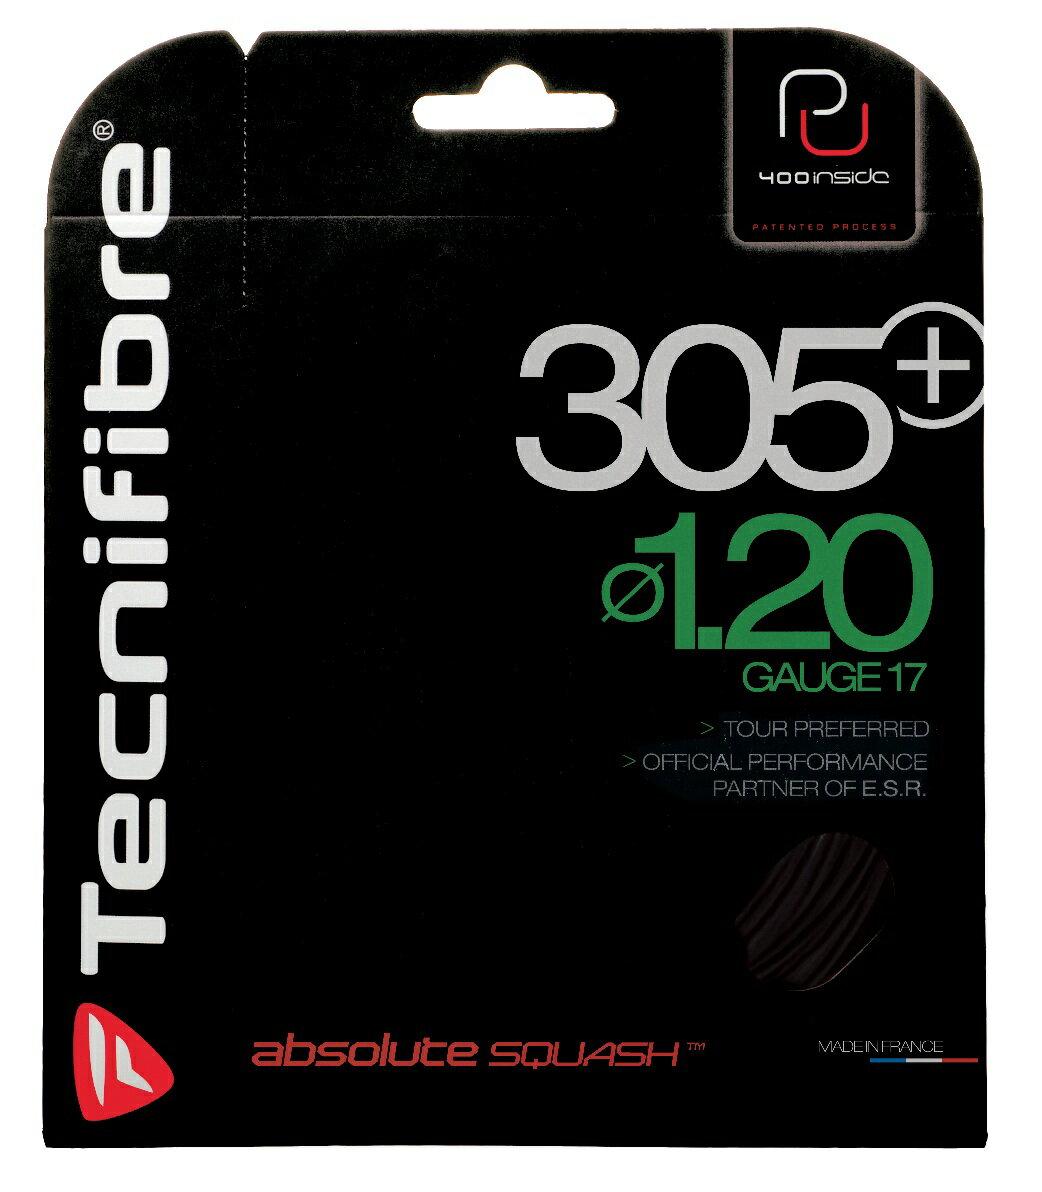 スカッシュ ストリング スカッシュ ガット Tecnifibre(テクニファイバー)スカッシュストリング 305+(φ1.20)ブラック【あす楽対応】【ポスト投函送料無料】